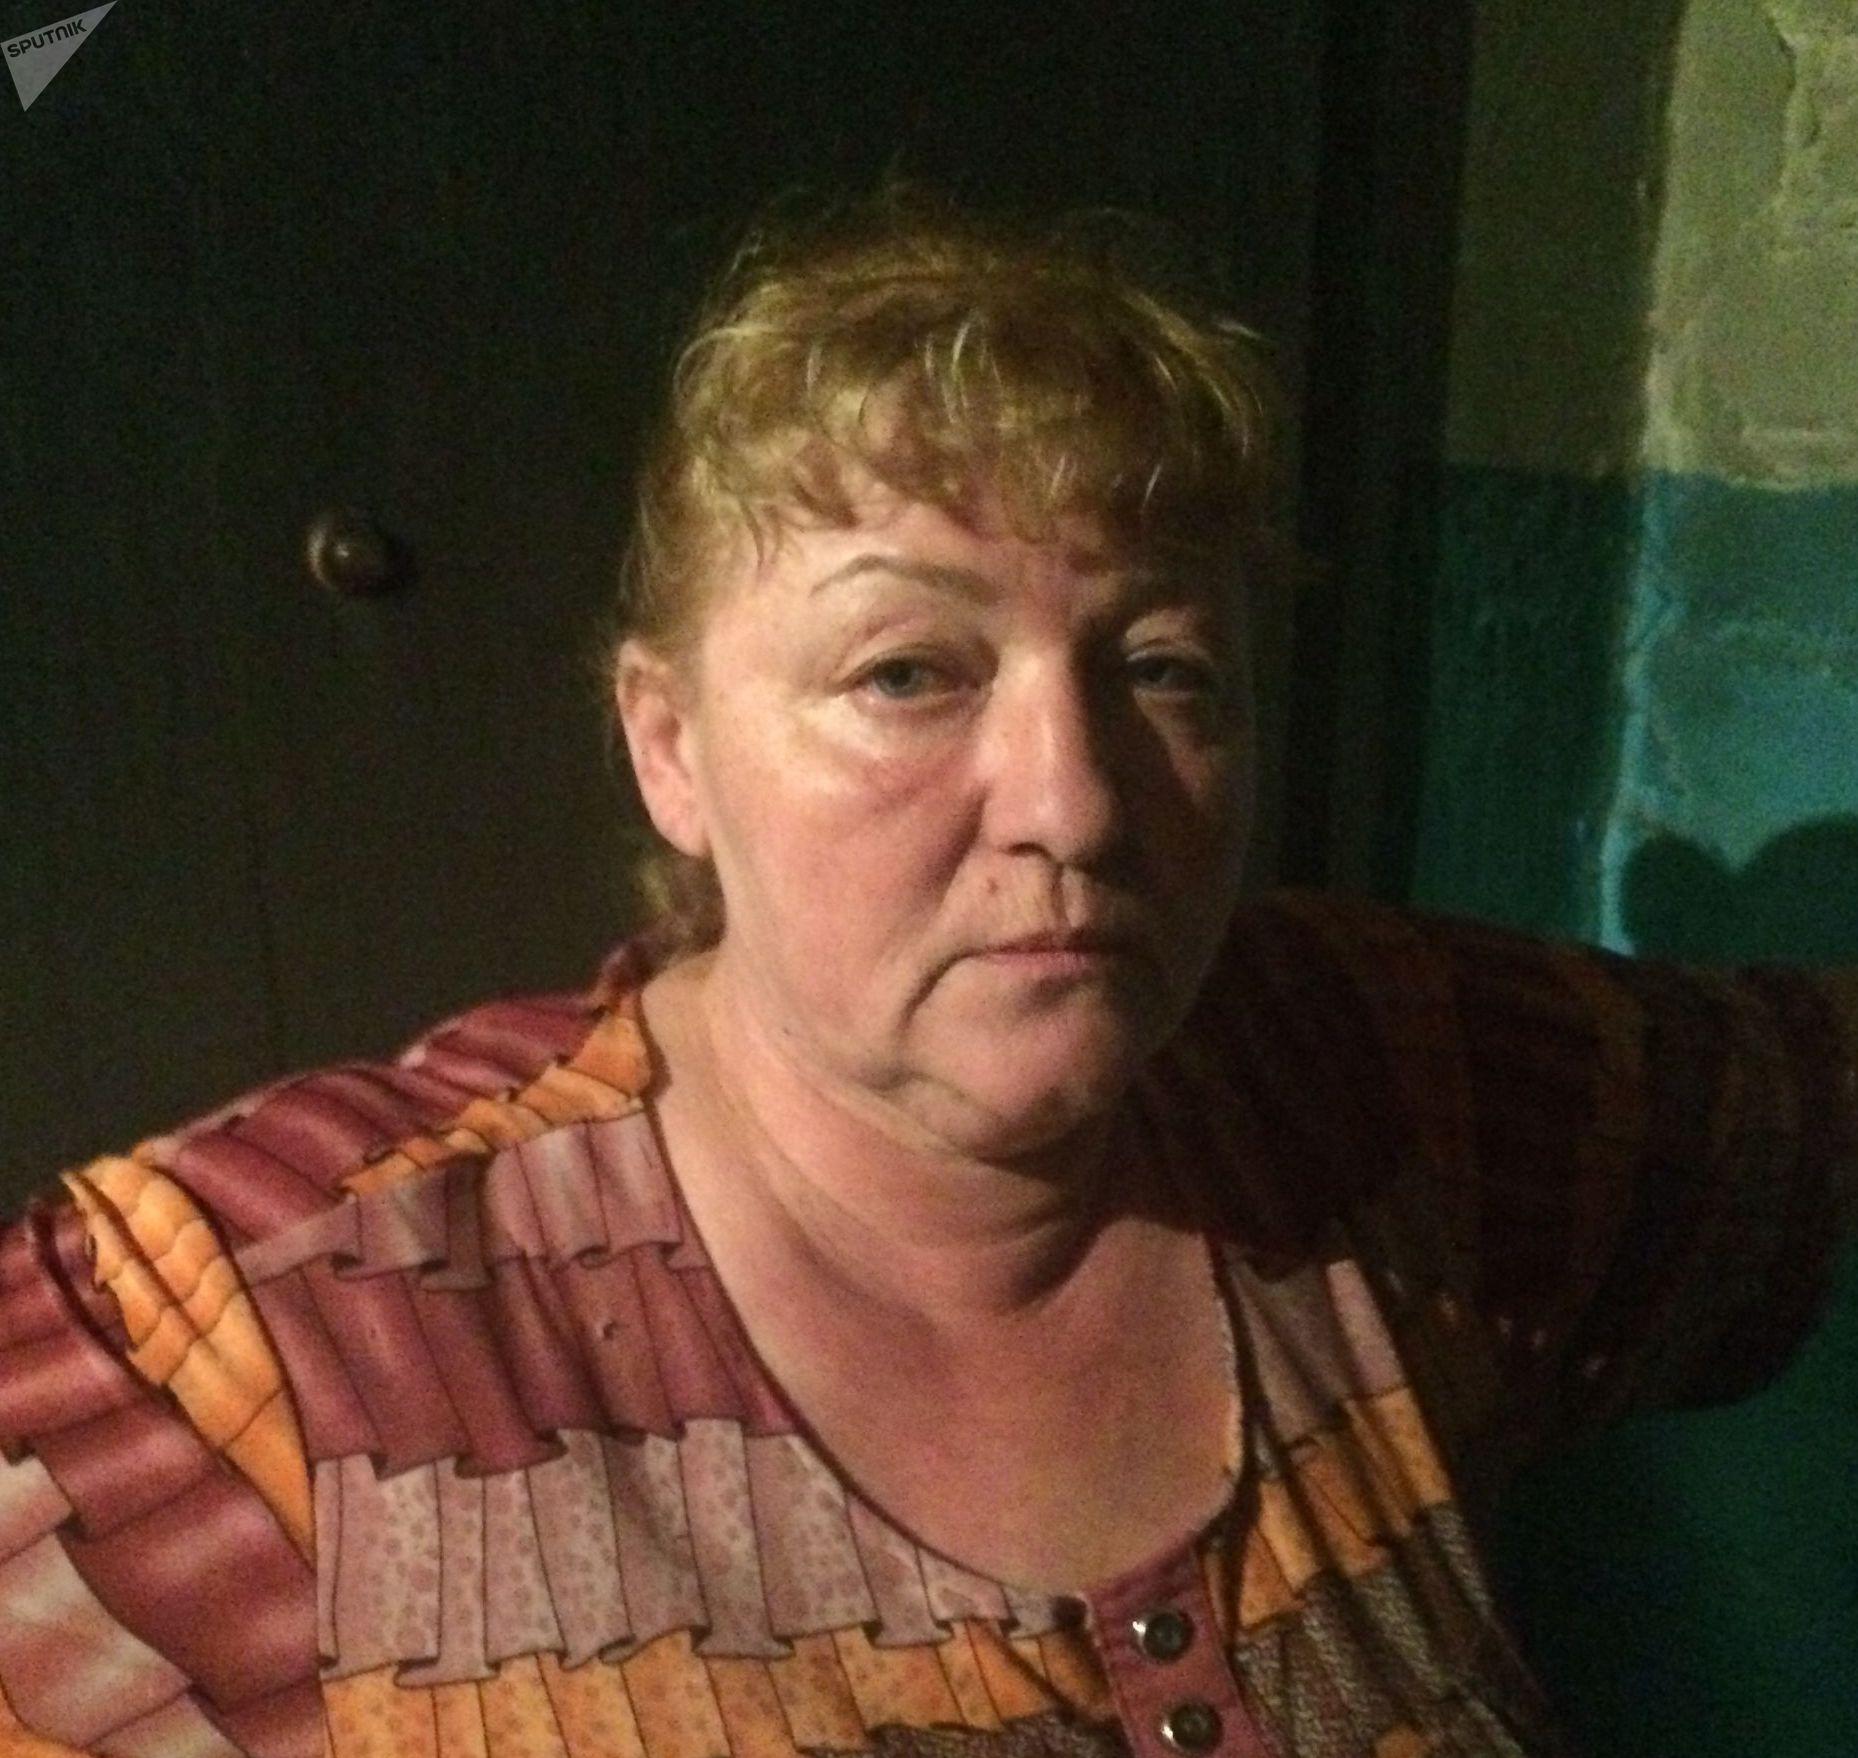 Соседка Светлана Никитина рассказывает о произошедшем: Когда взорвалось, было очень страшно. - Все заволокло едким черным дымом с неприятным, удушливым запахом